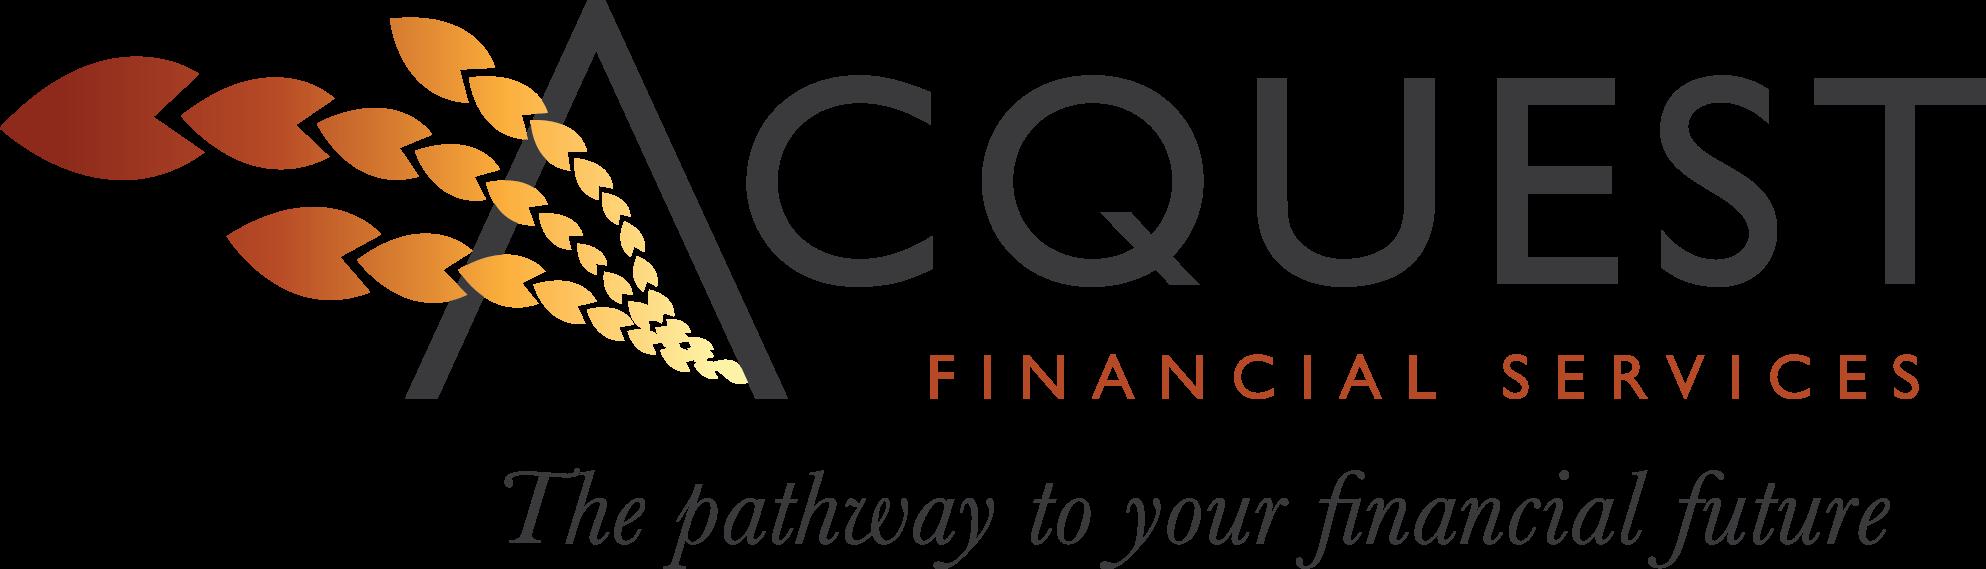 Acquest Financial Services Logo